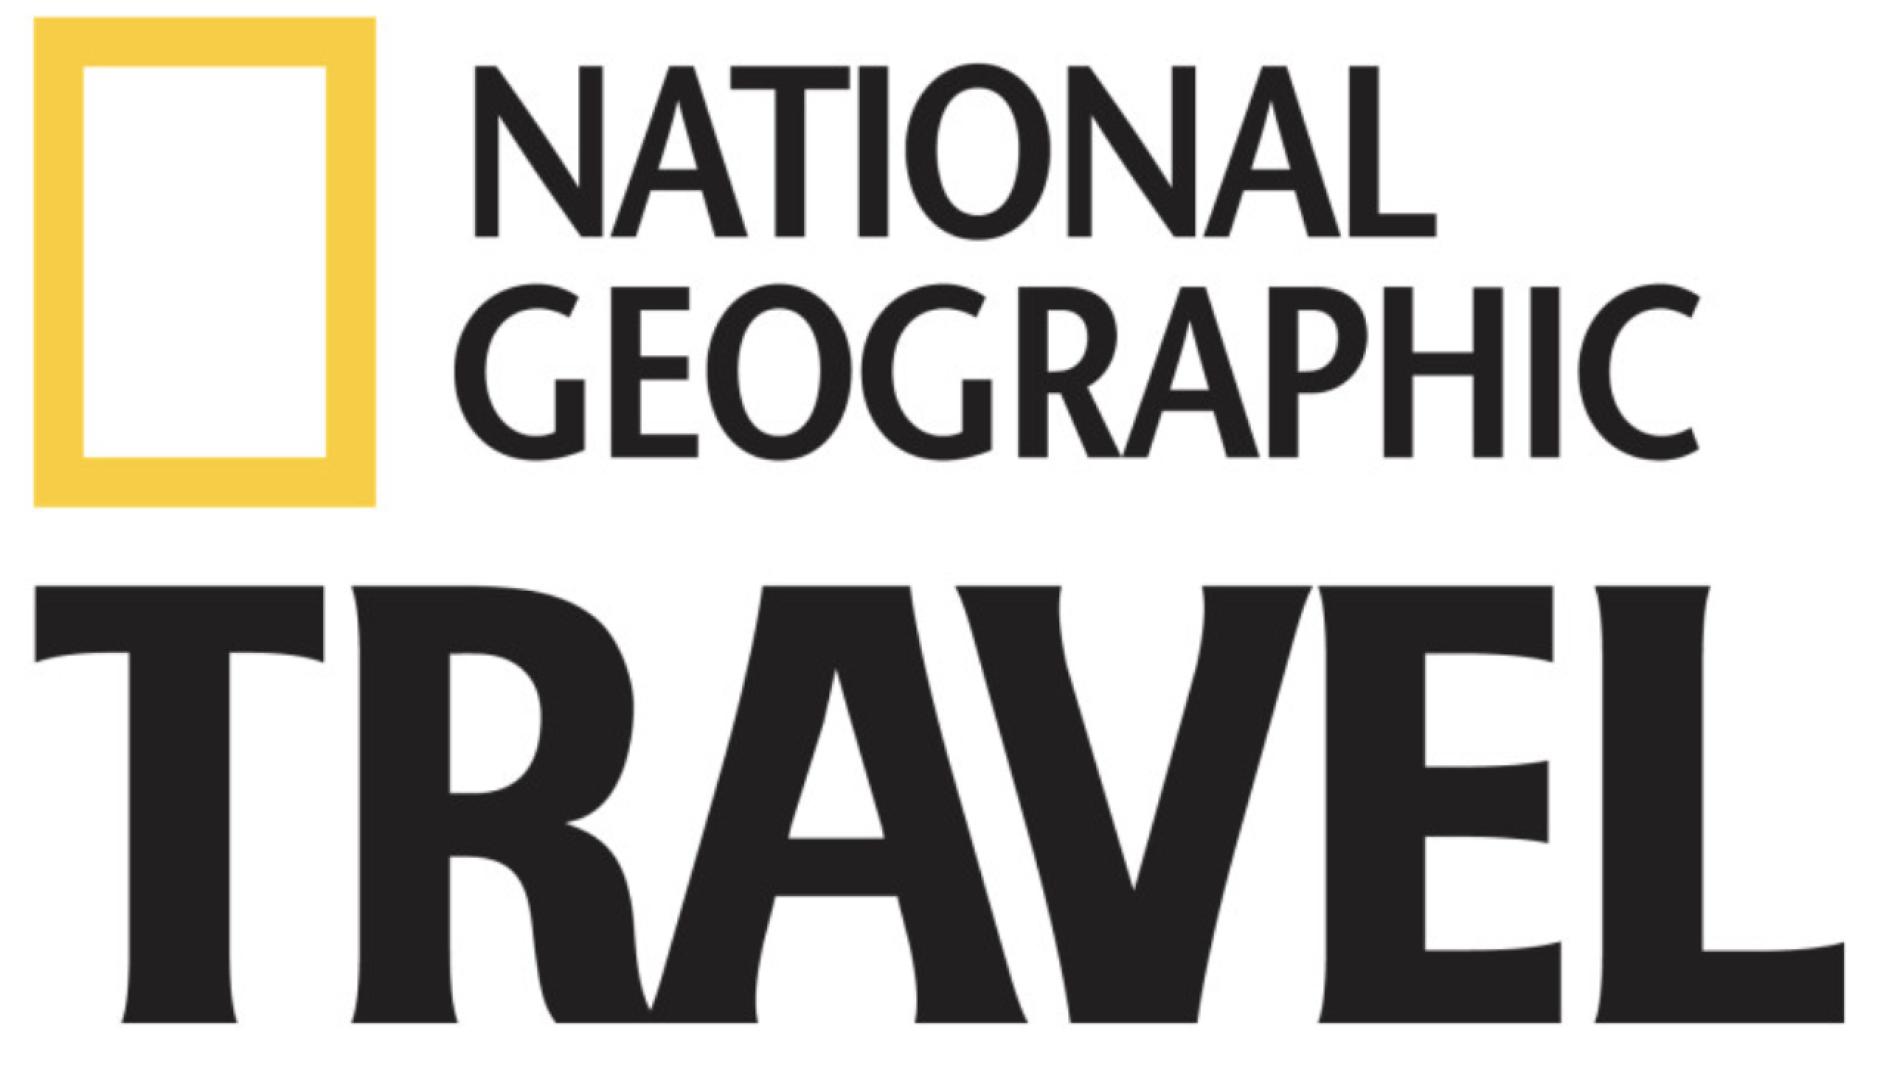 NG TRAVELER